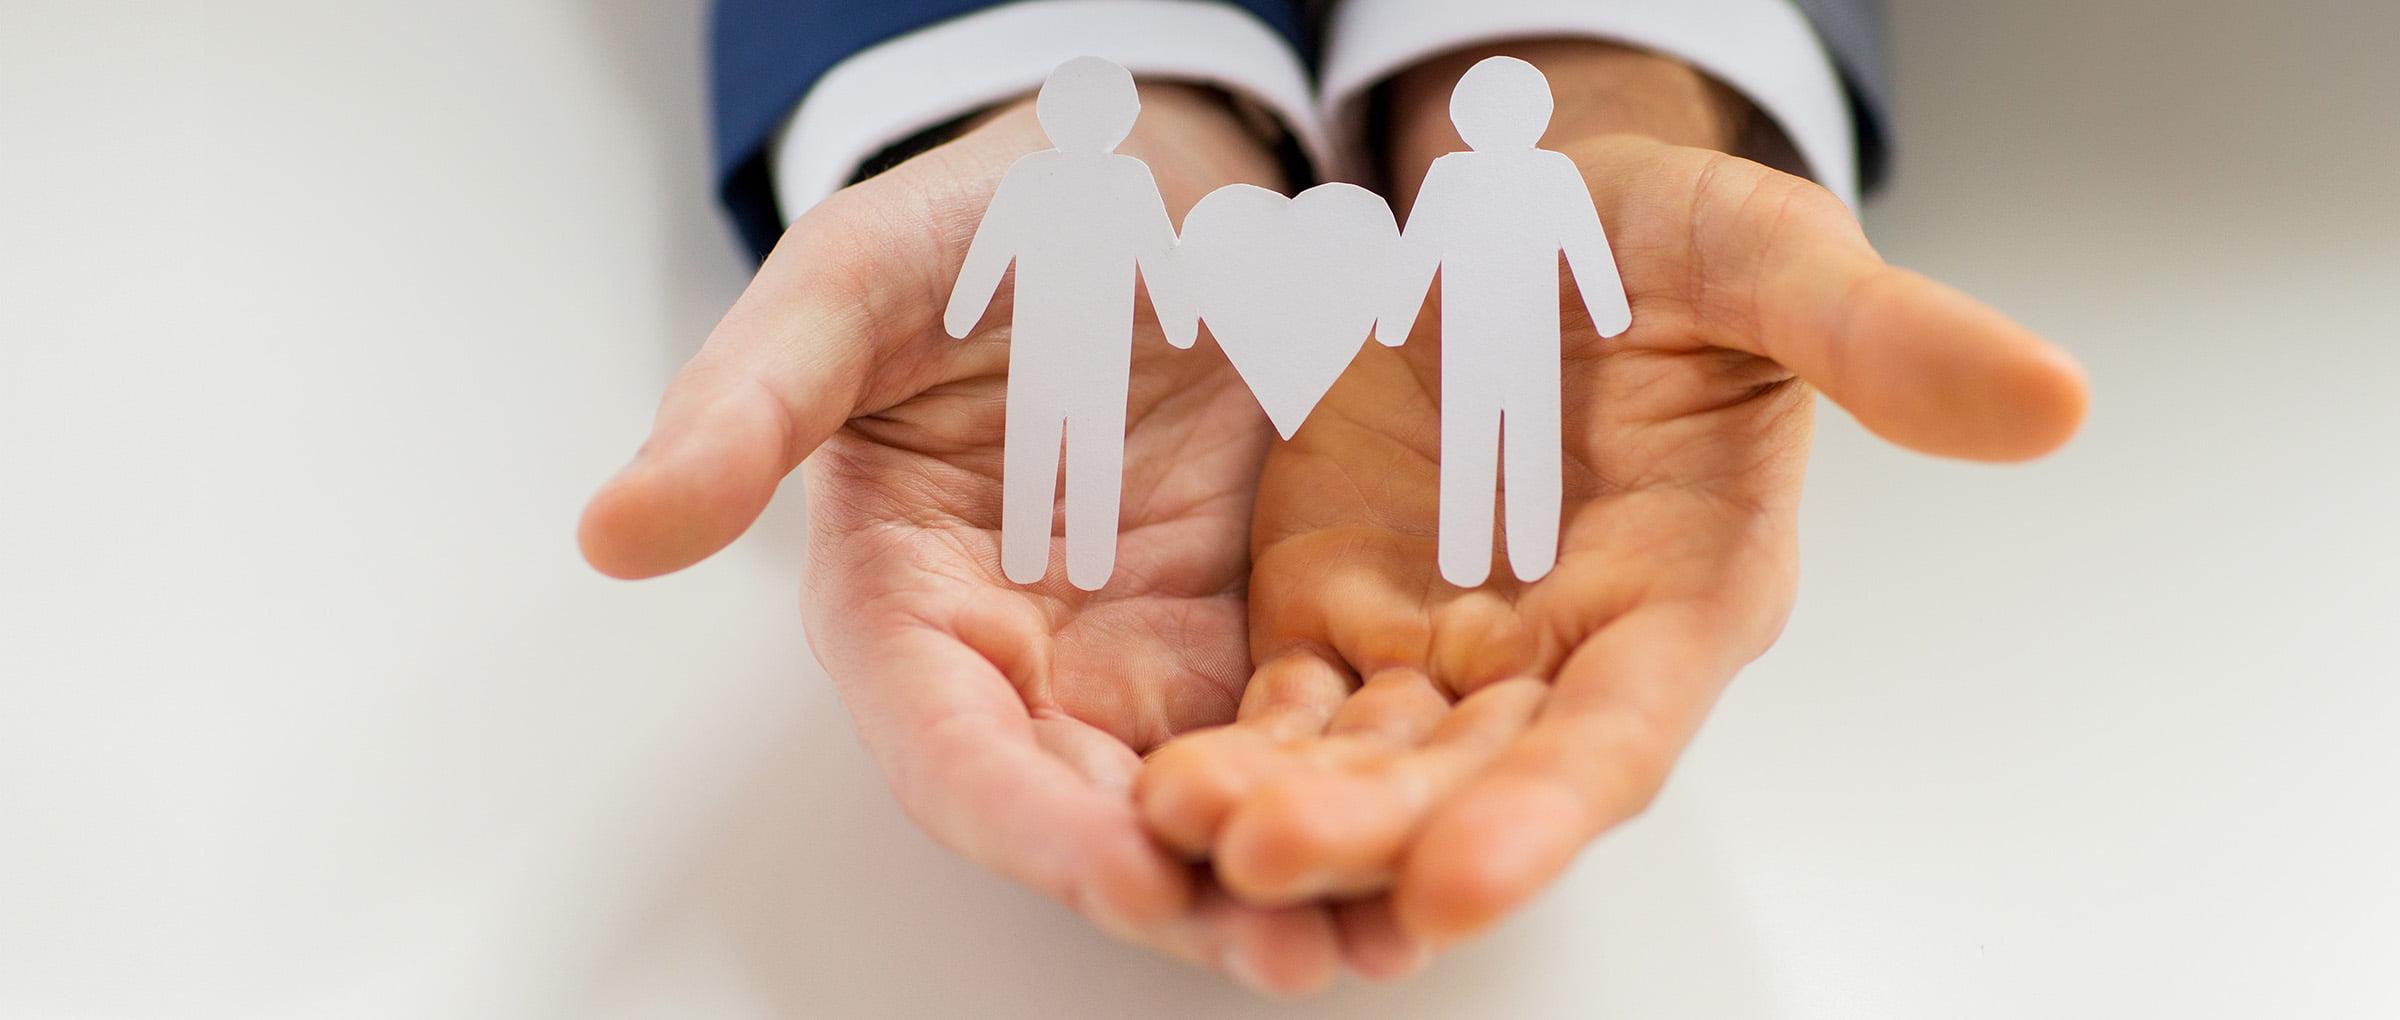 Nouveaux modèles familiaux par adoption